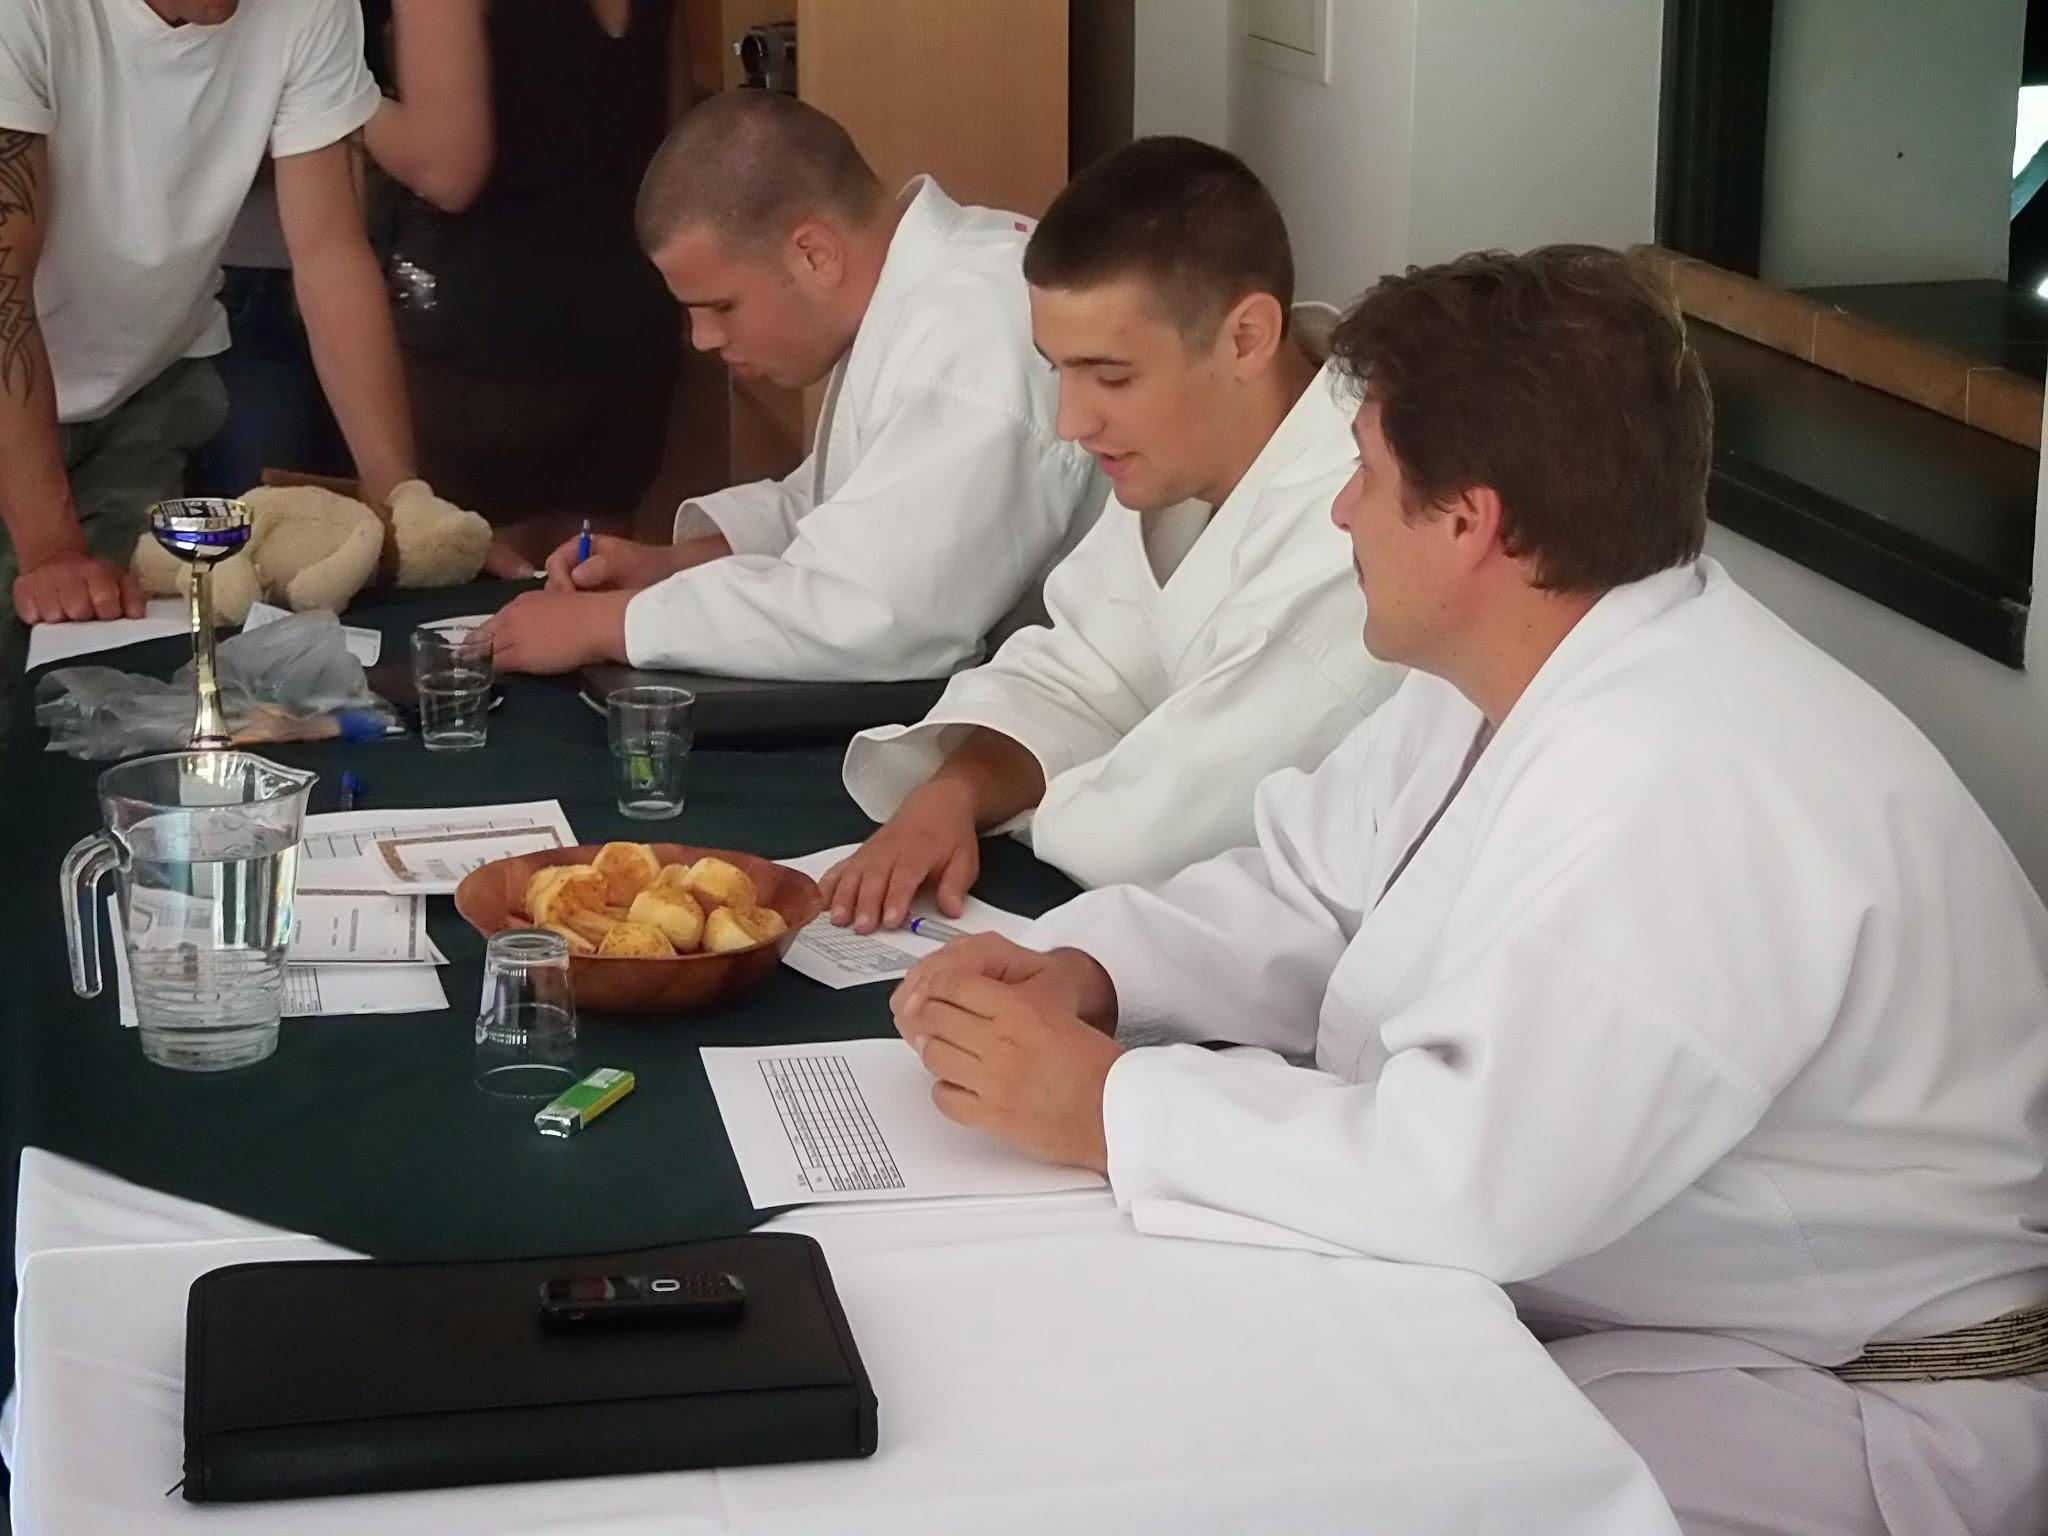 A vizsgabizottság a kismarosi karatecsoport övvizsgáján 2014. június 13-án, melyen a sárga öv megszerzése volt a cél. - Fotó: Lucza Gergely